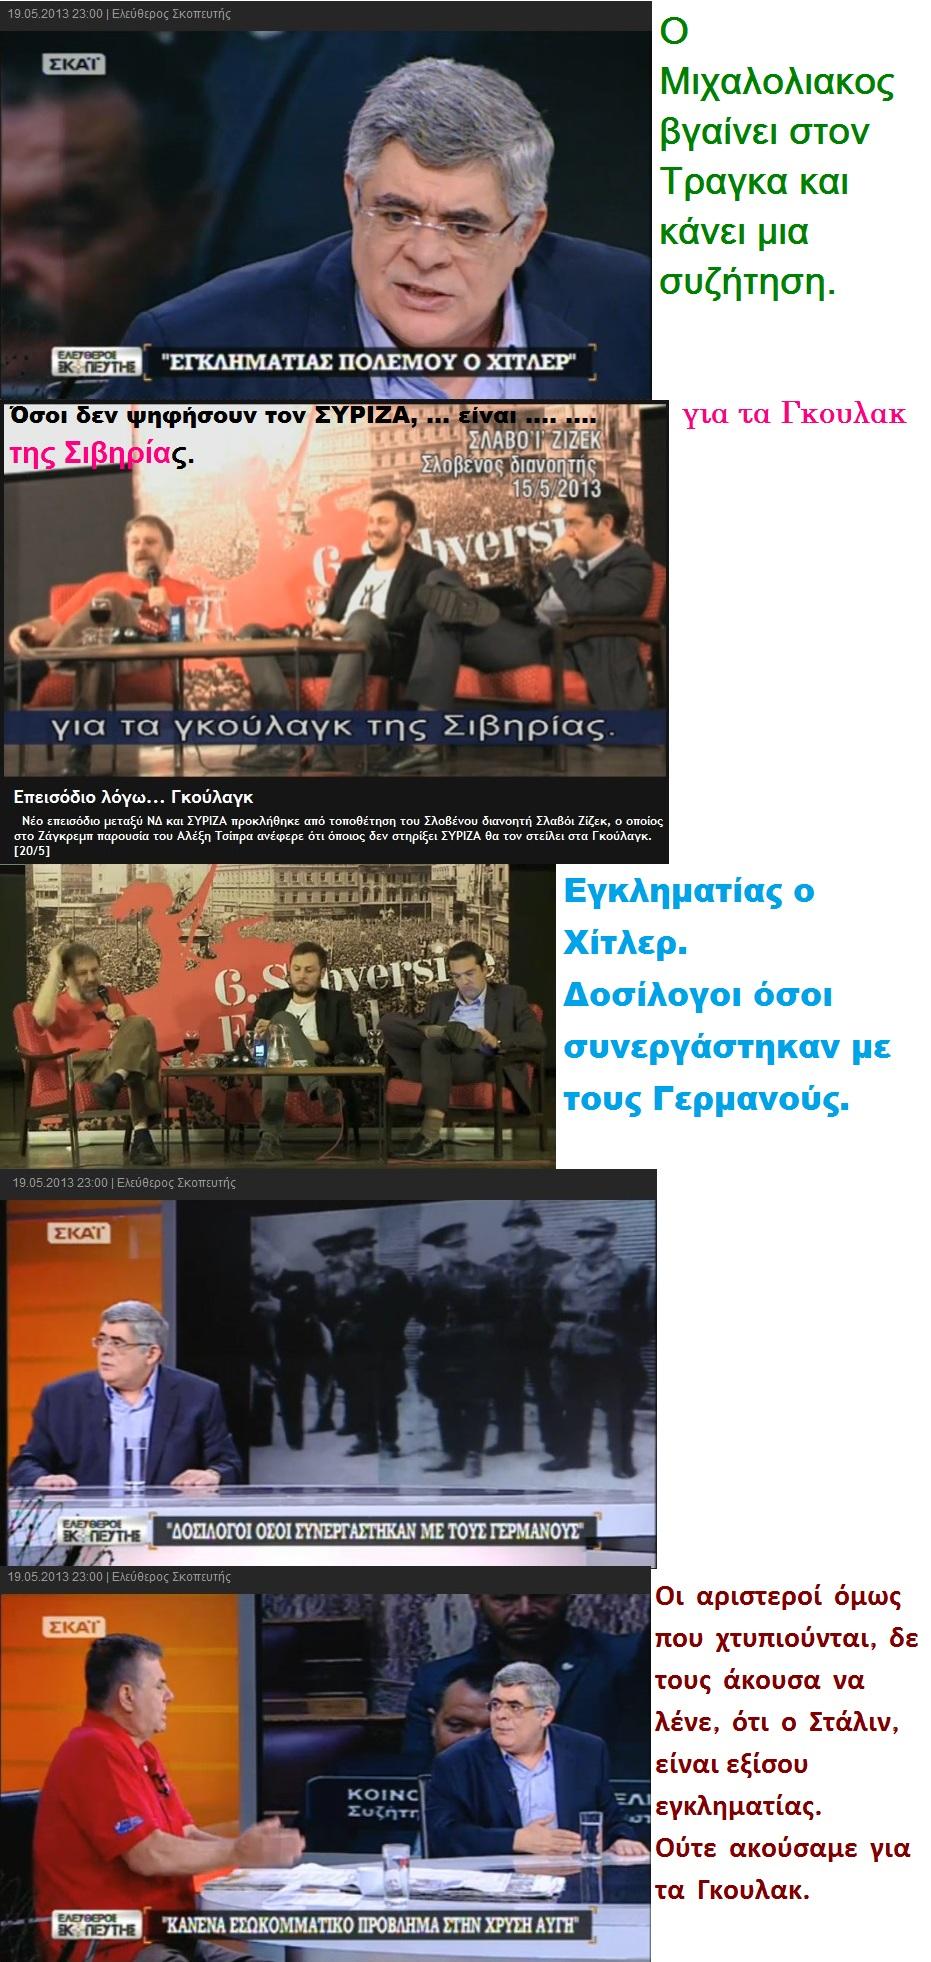 Μιχαλολιάκος στον Τράγκα στον ΣΚΑΙ: Εγκληματίας Πολέμου ο Χίτλερ.